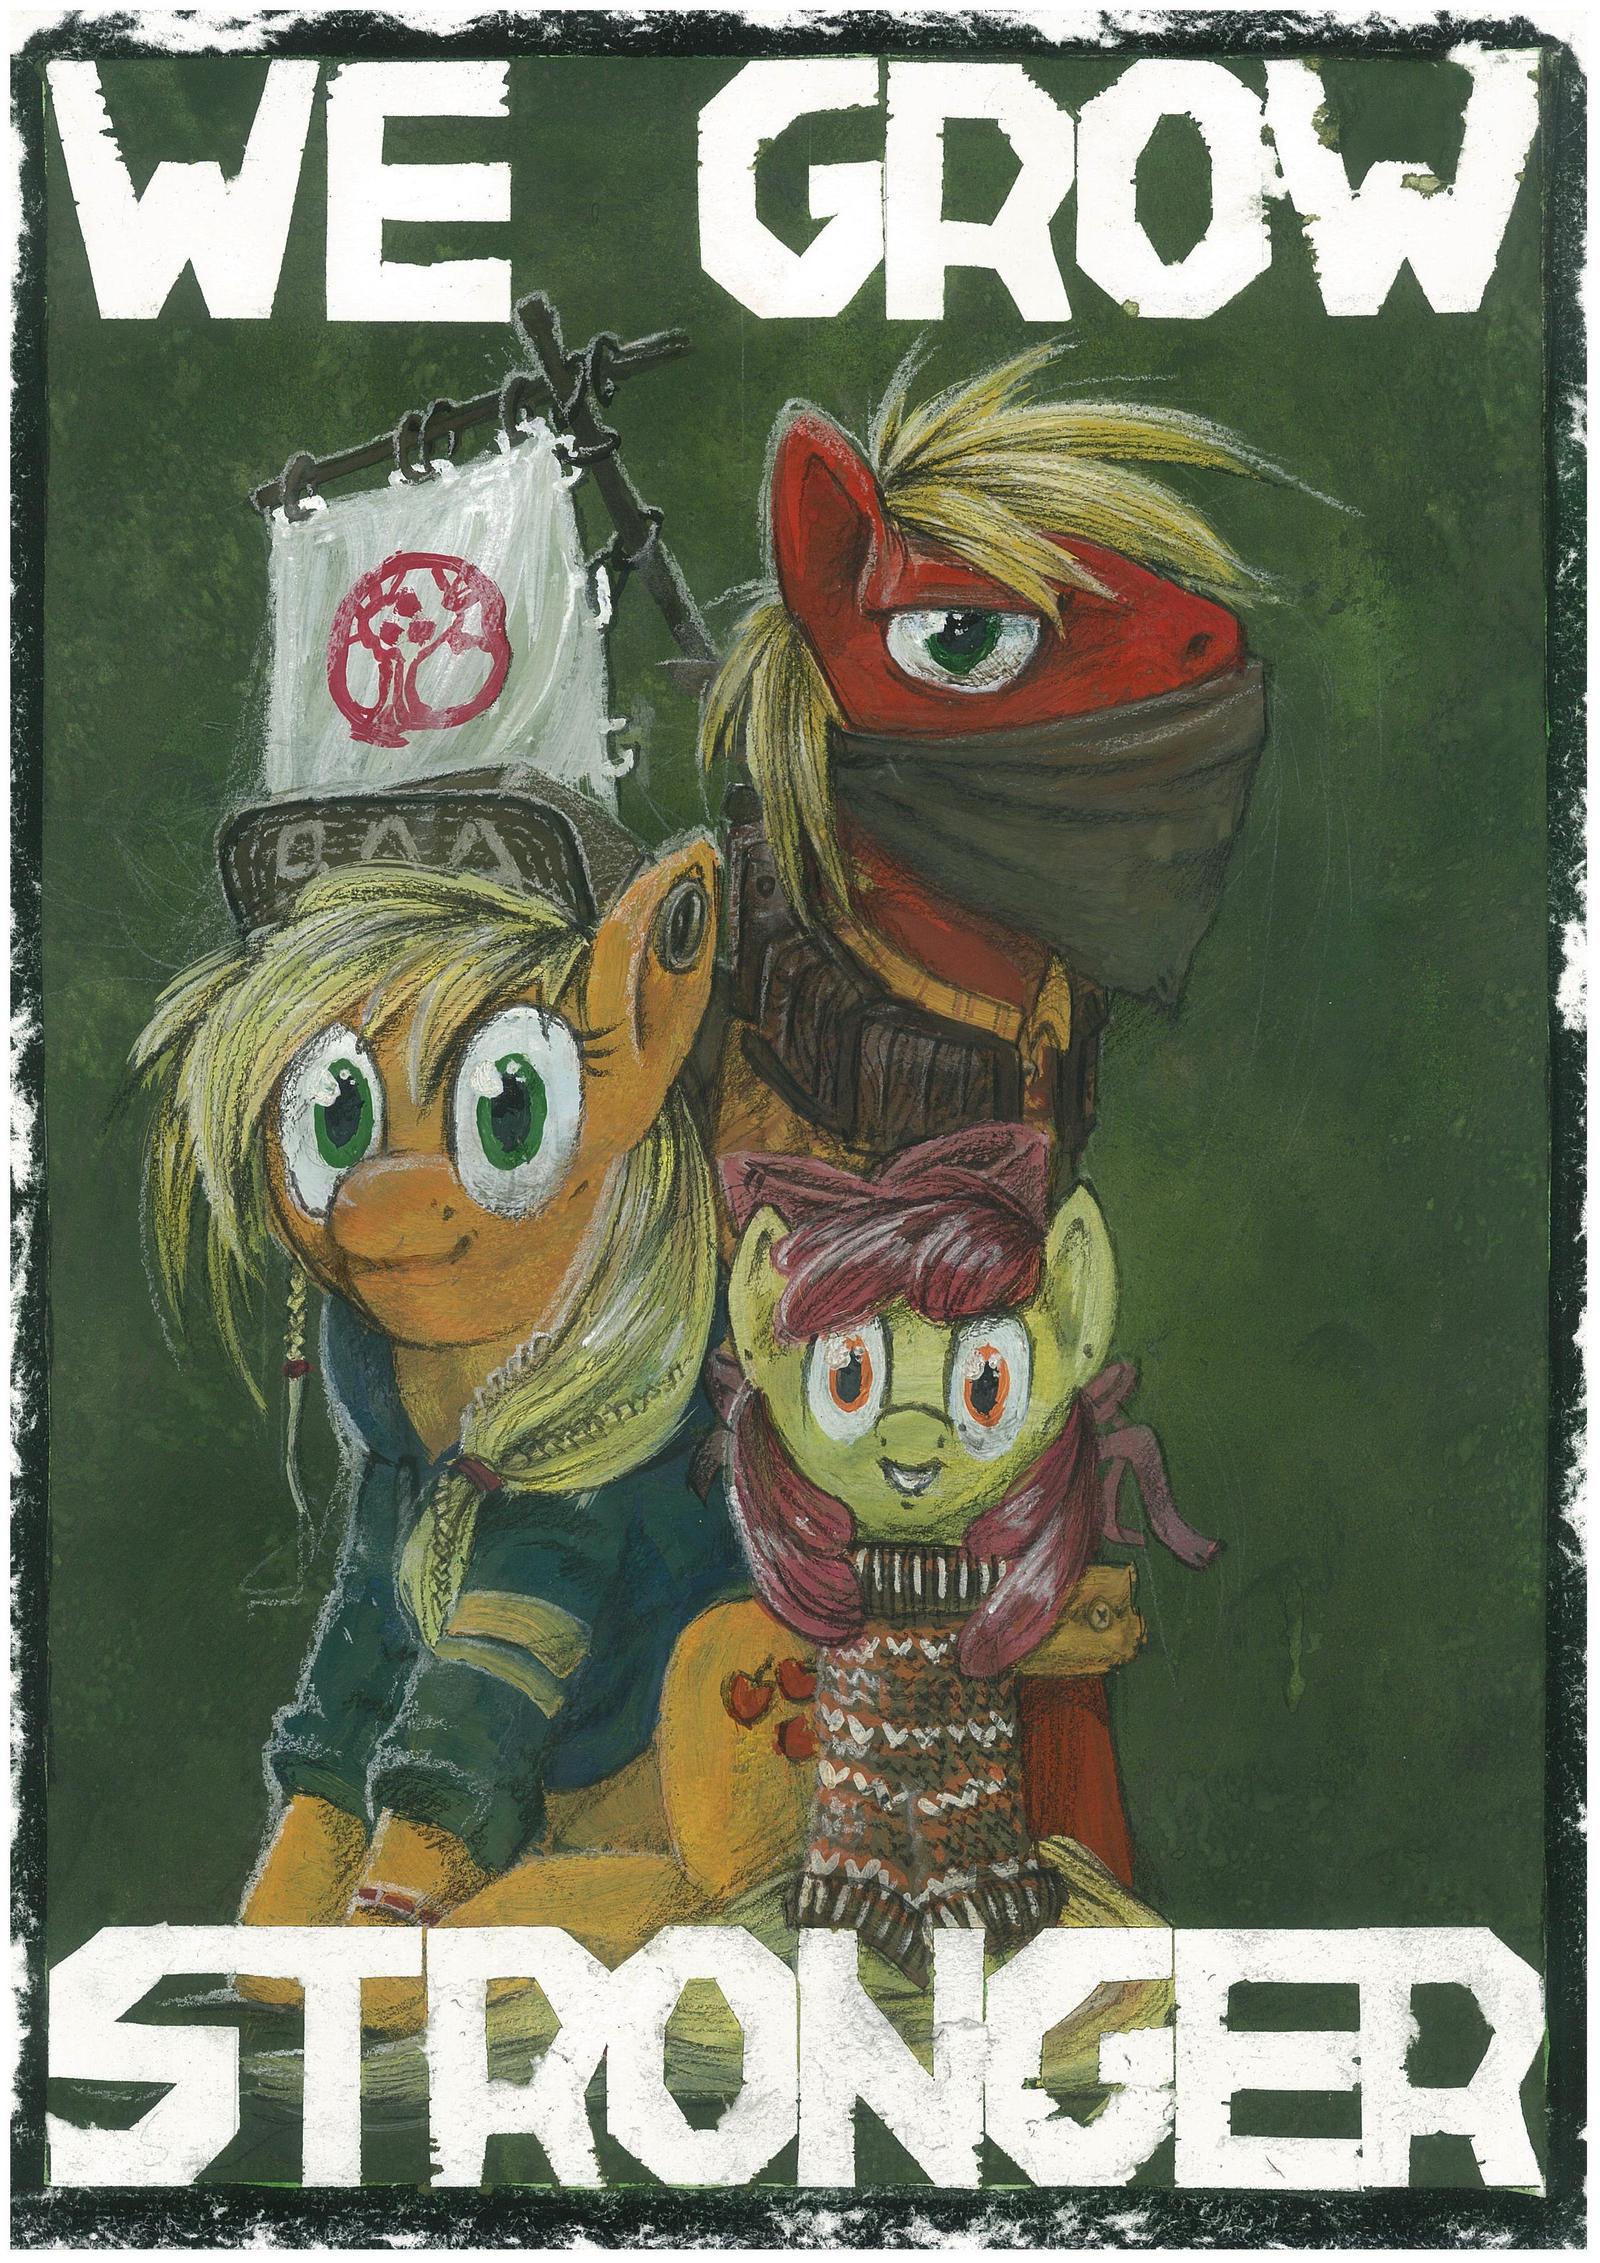 56 by Sugarcube-Owl